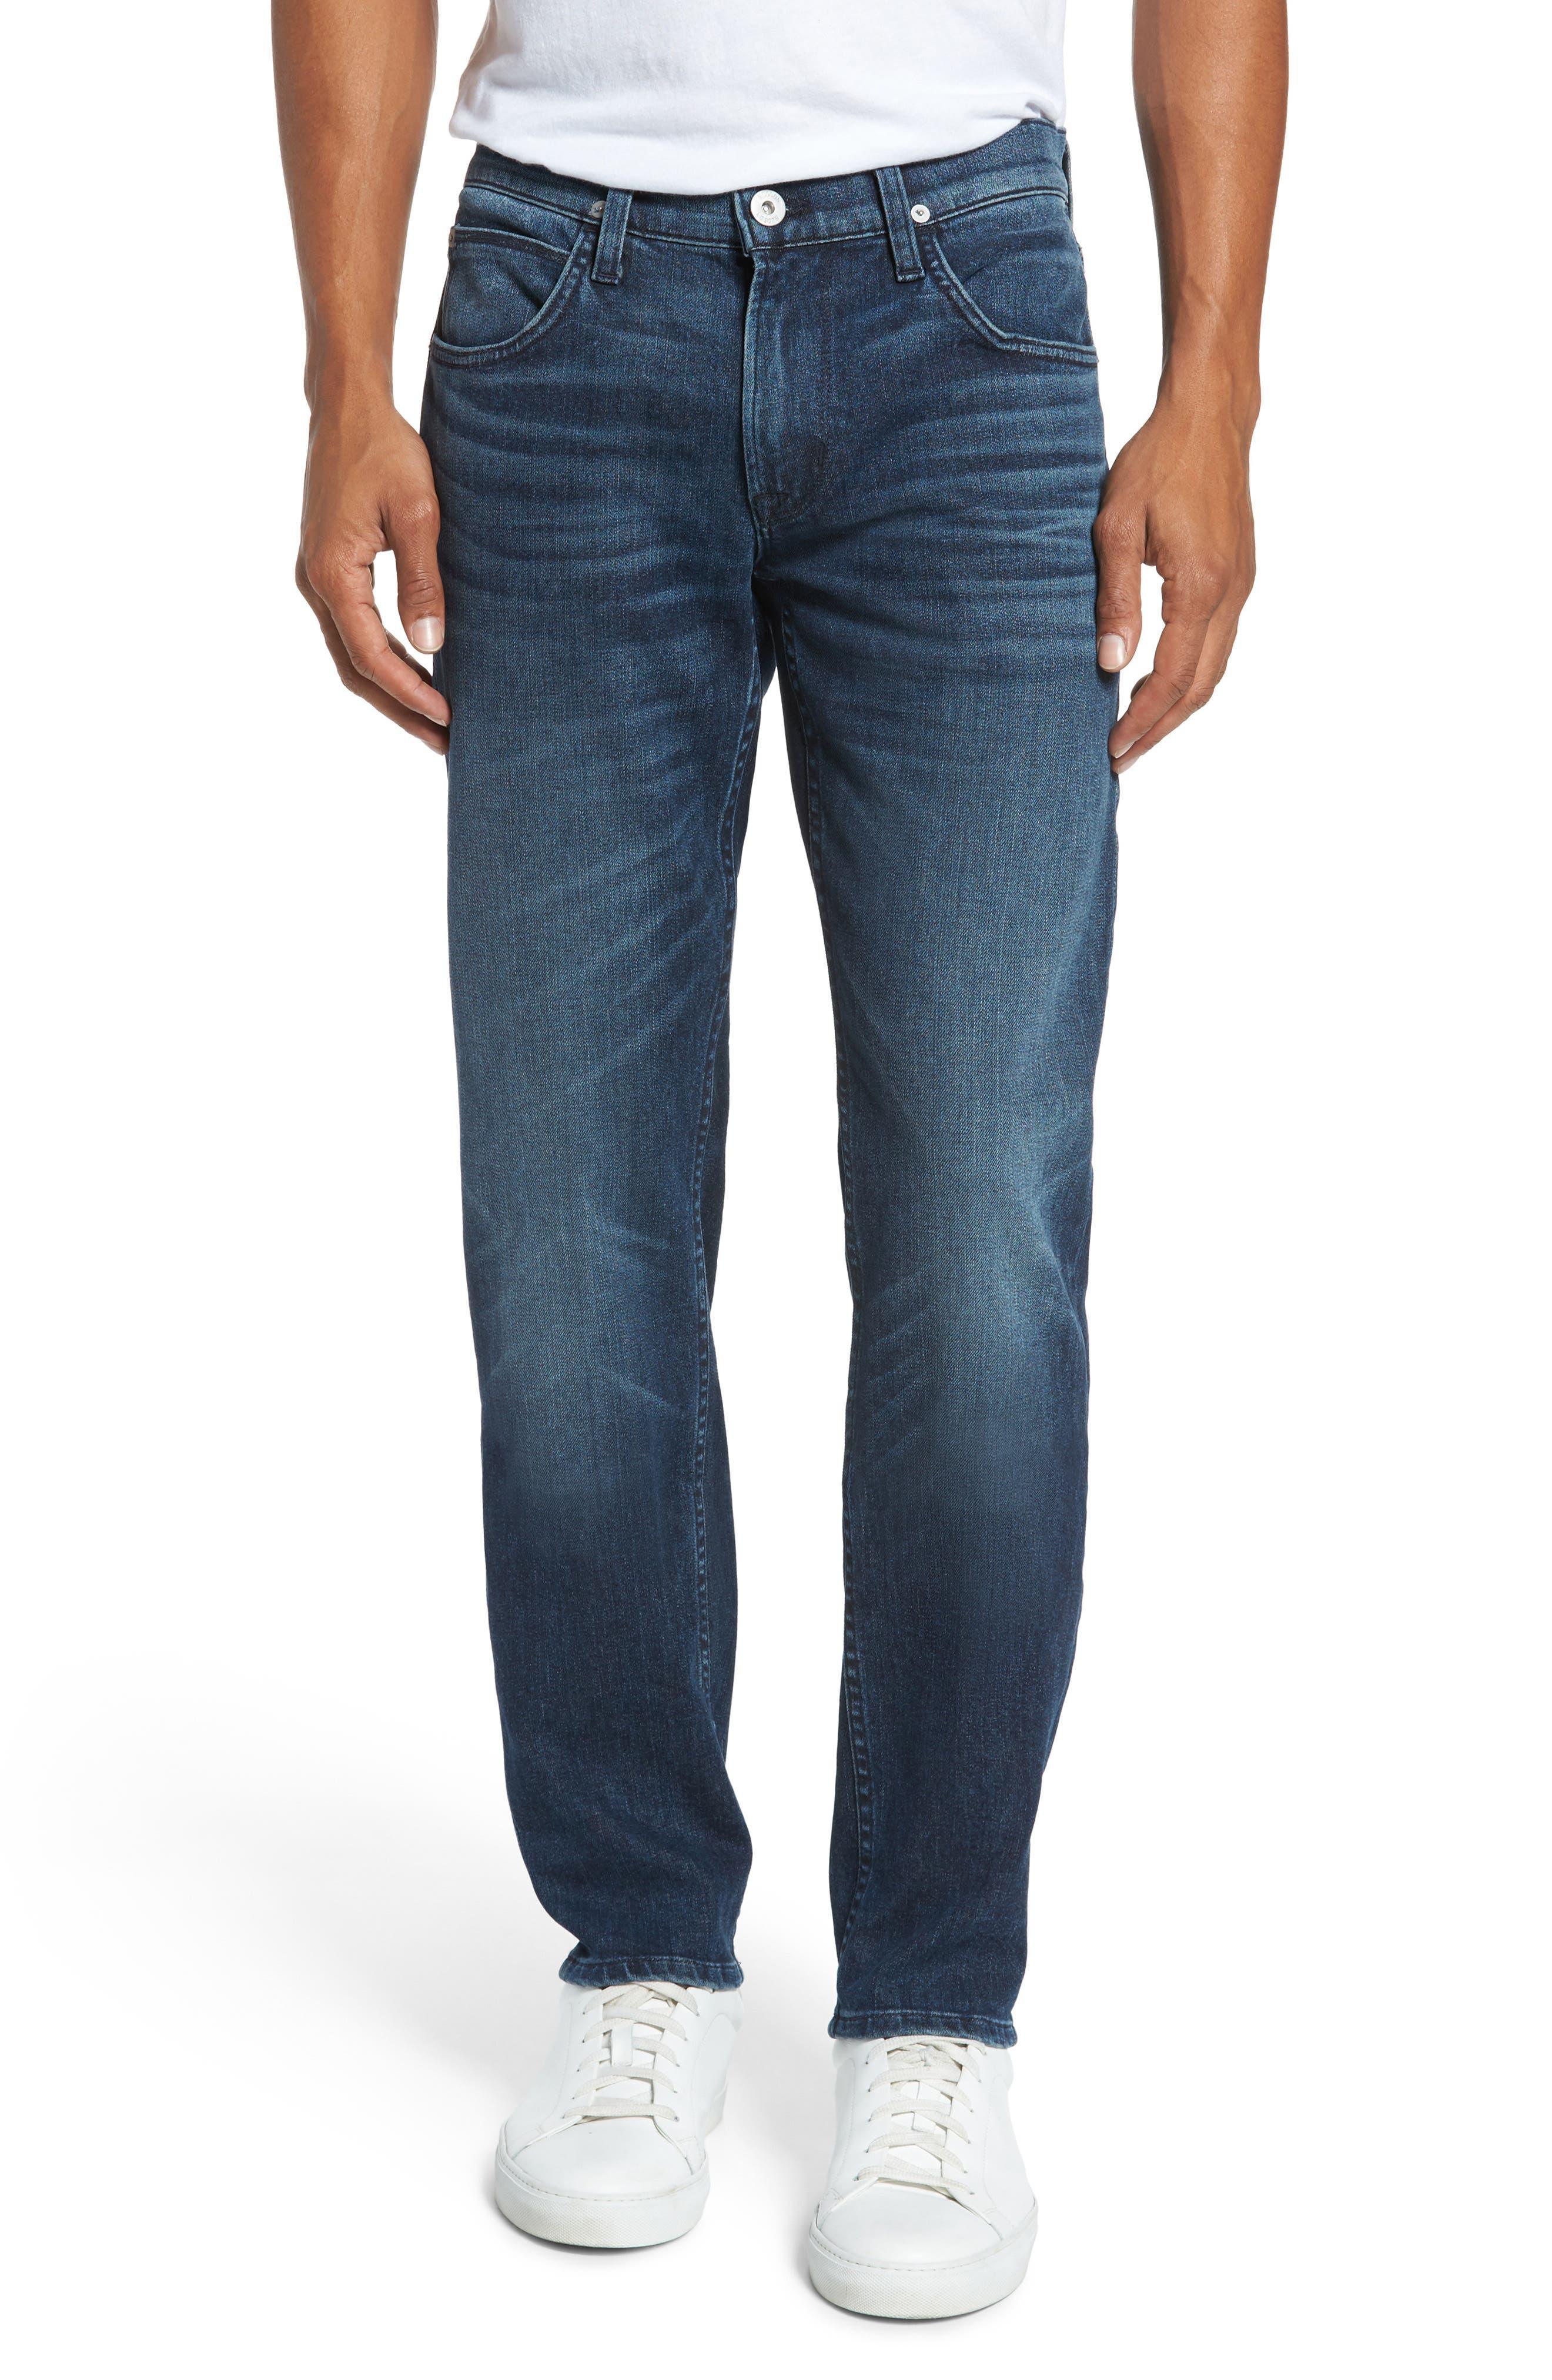 Hudson Jeans Blake Slim Fit Jeans (Regret)